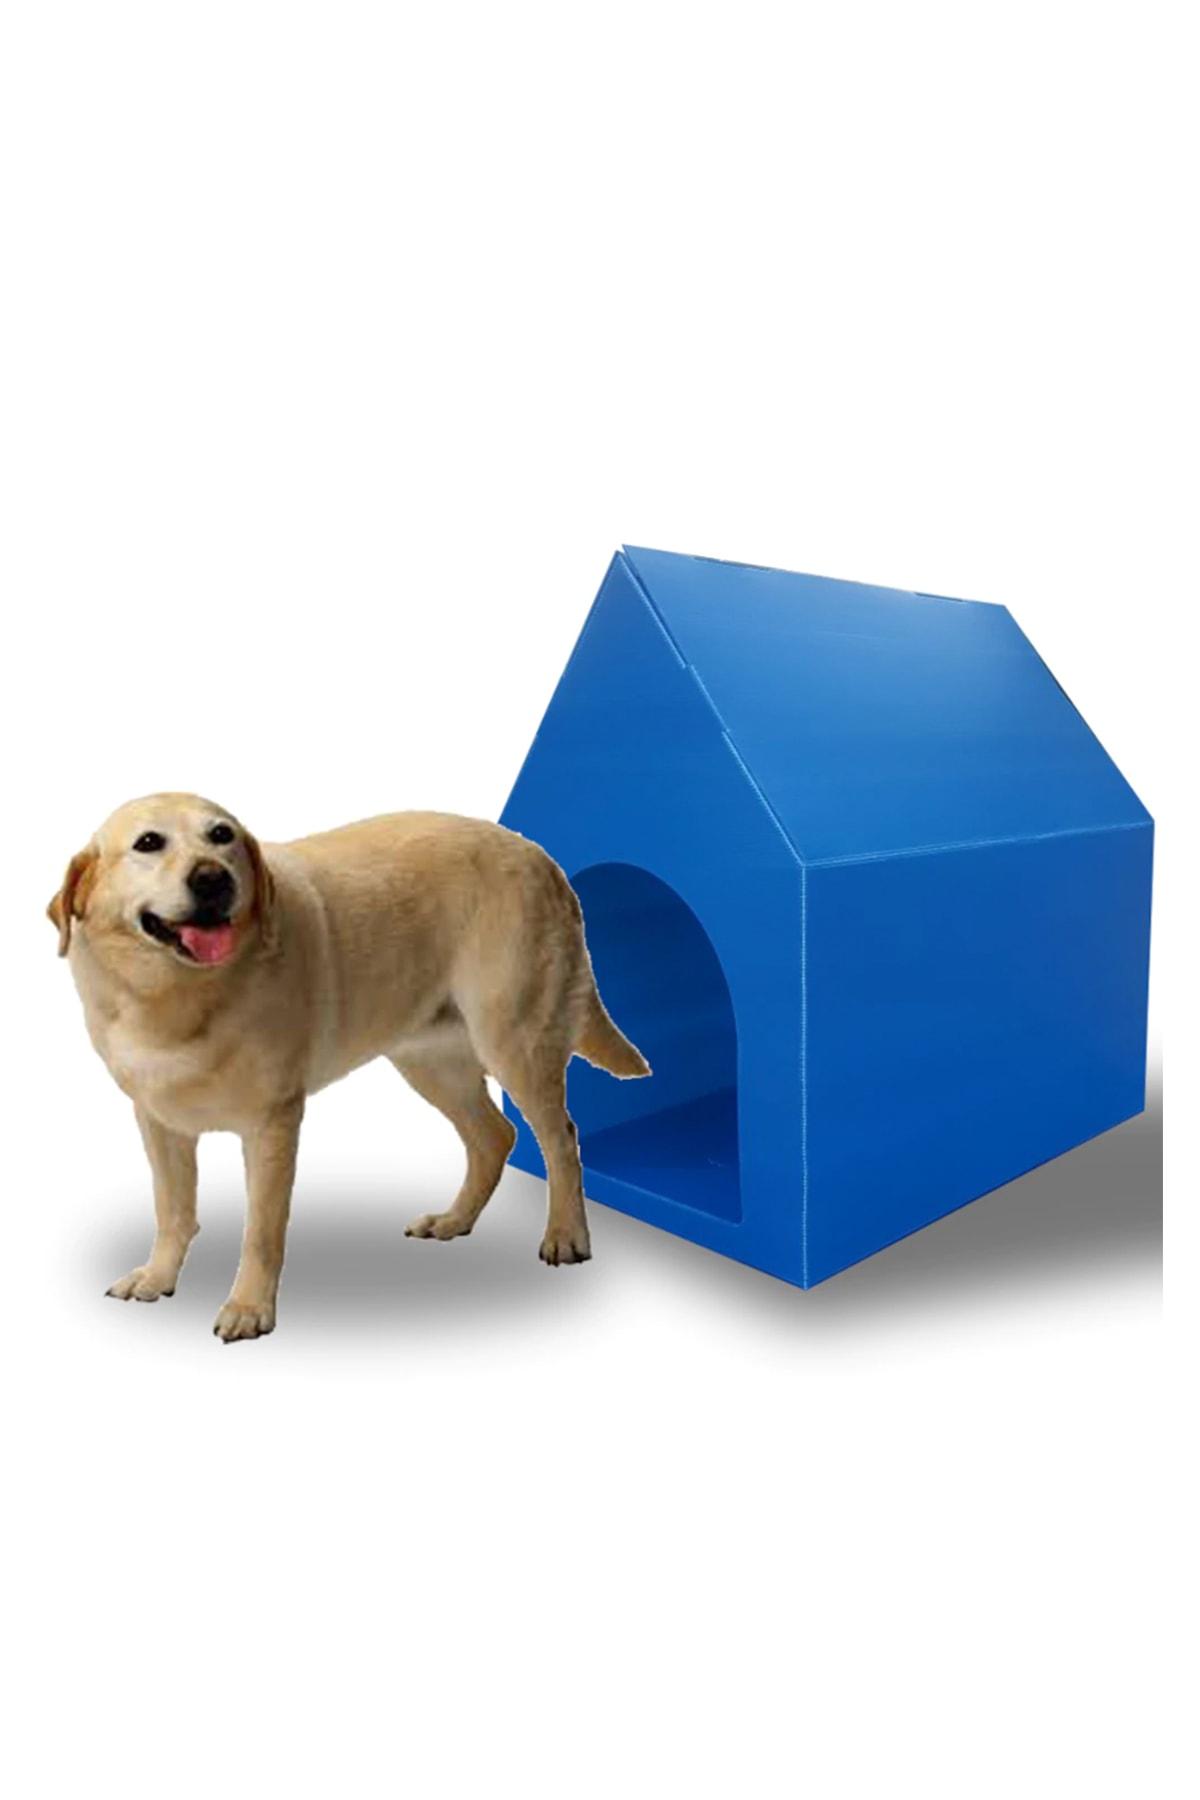 Weblonya Plastik Köpek Kulübesi Dış Mekan Köpek Yuvası 2117